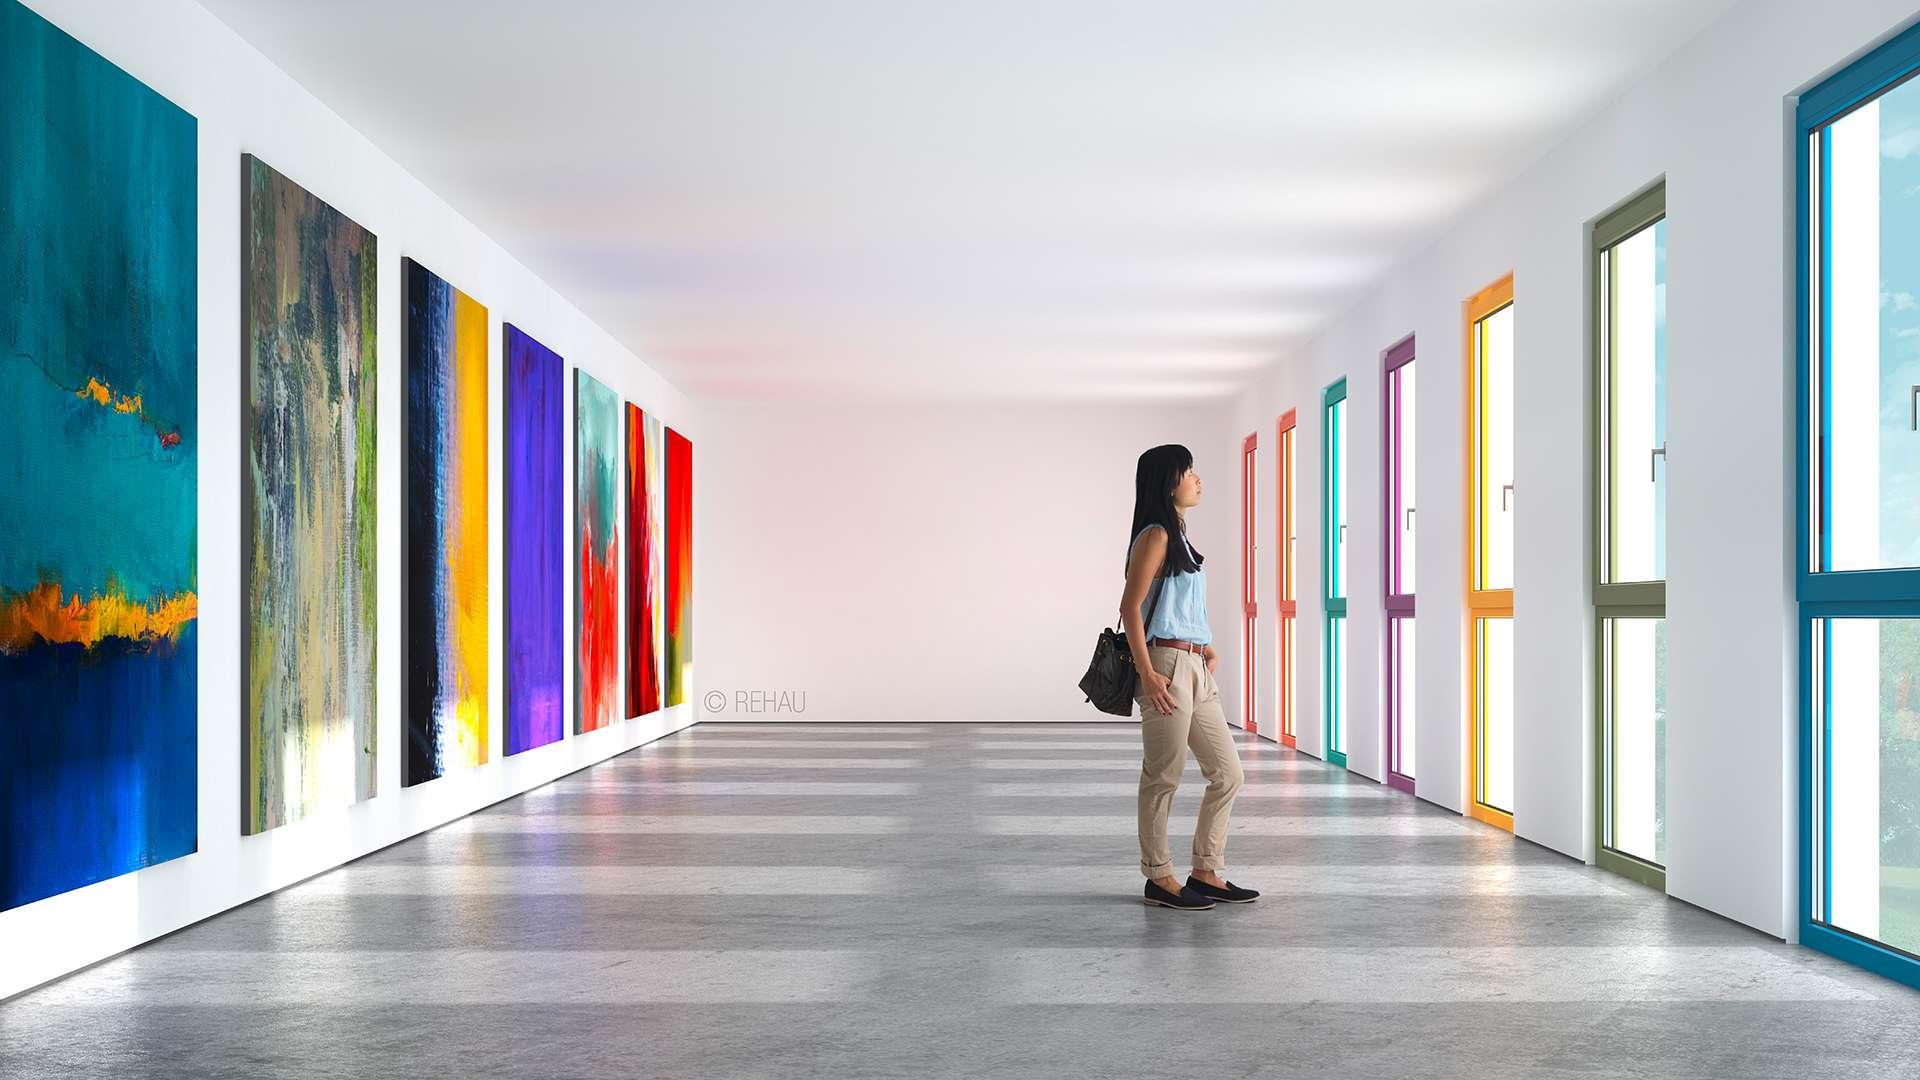 Frau in einer Galerie mit bunten Bildern und bunten Fenstern